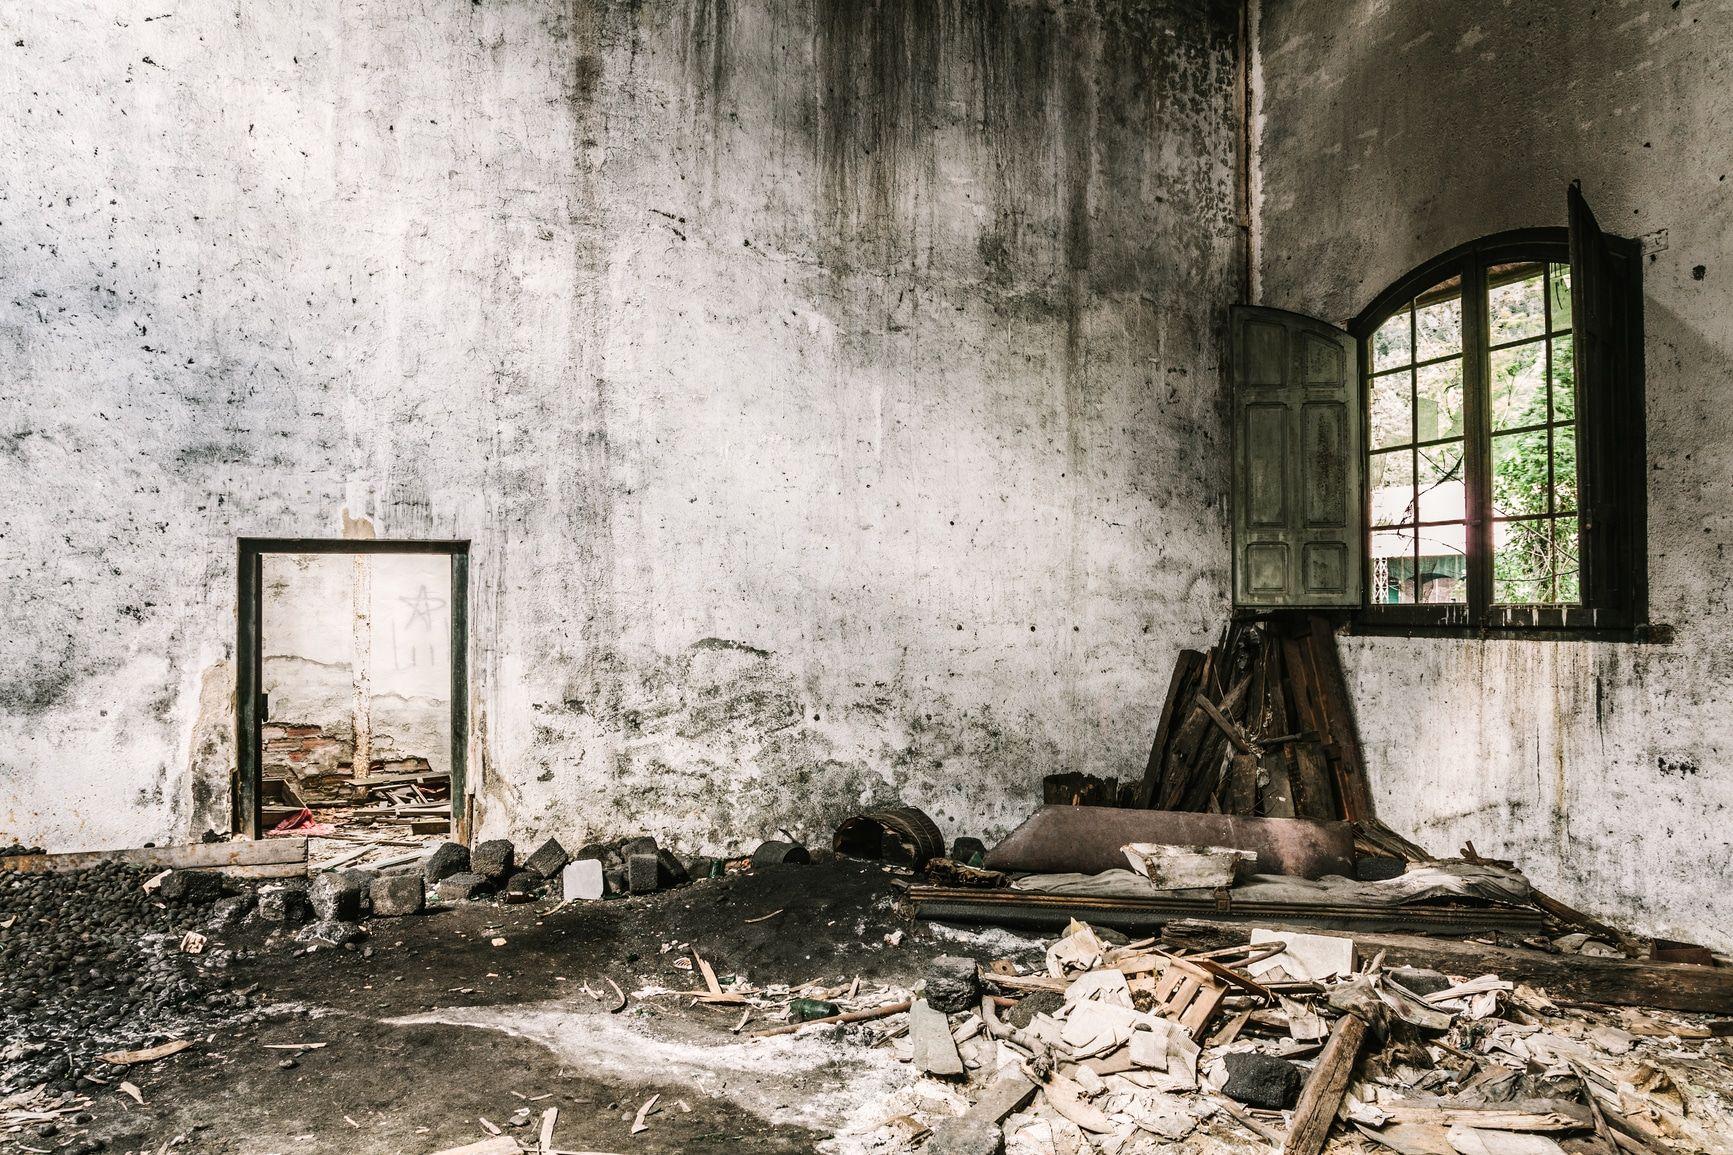 abgebranntes Haus